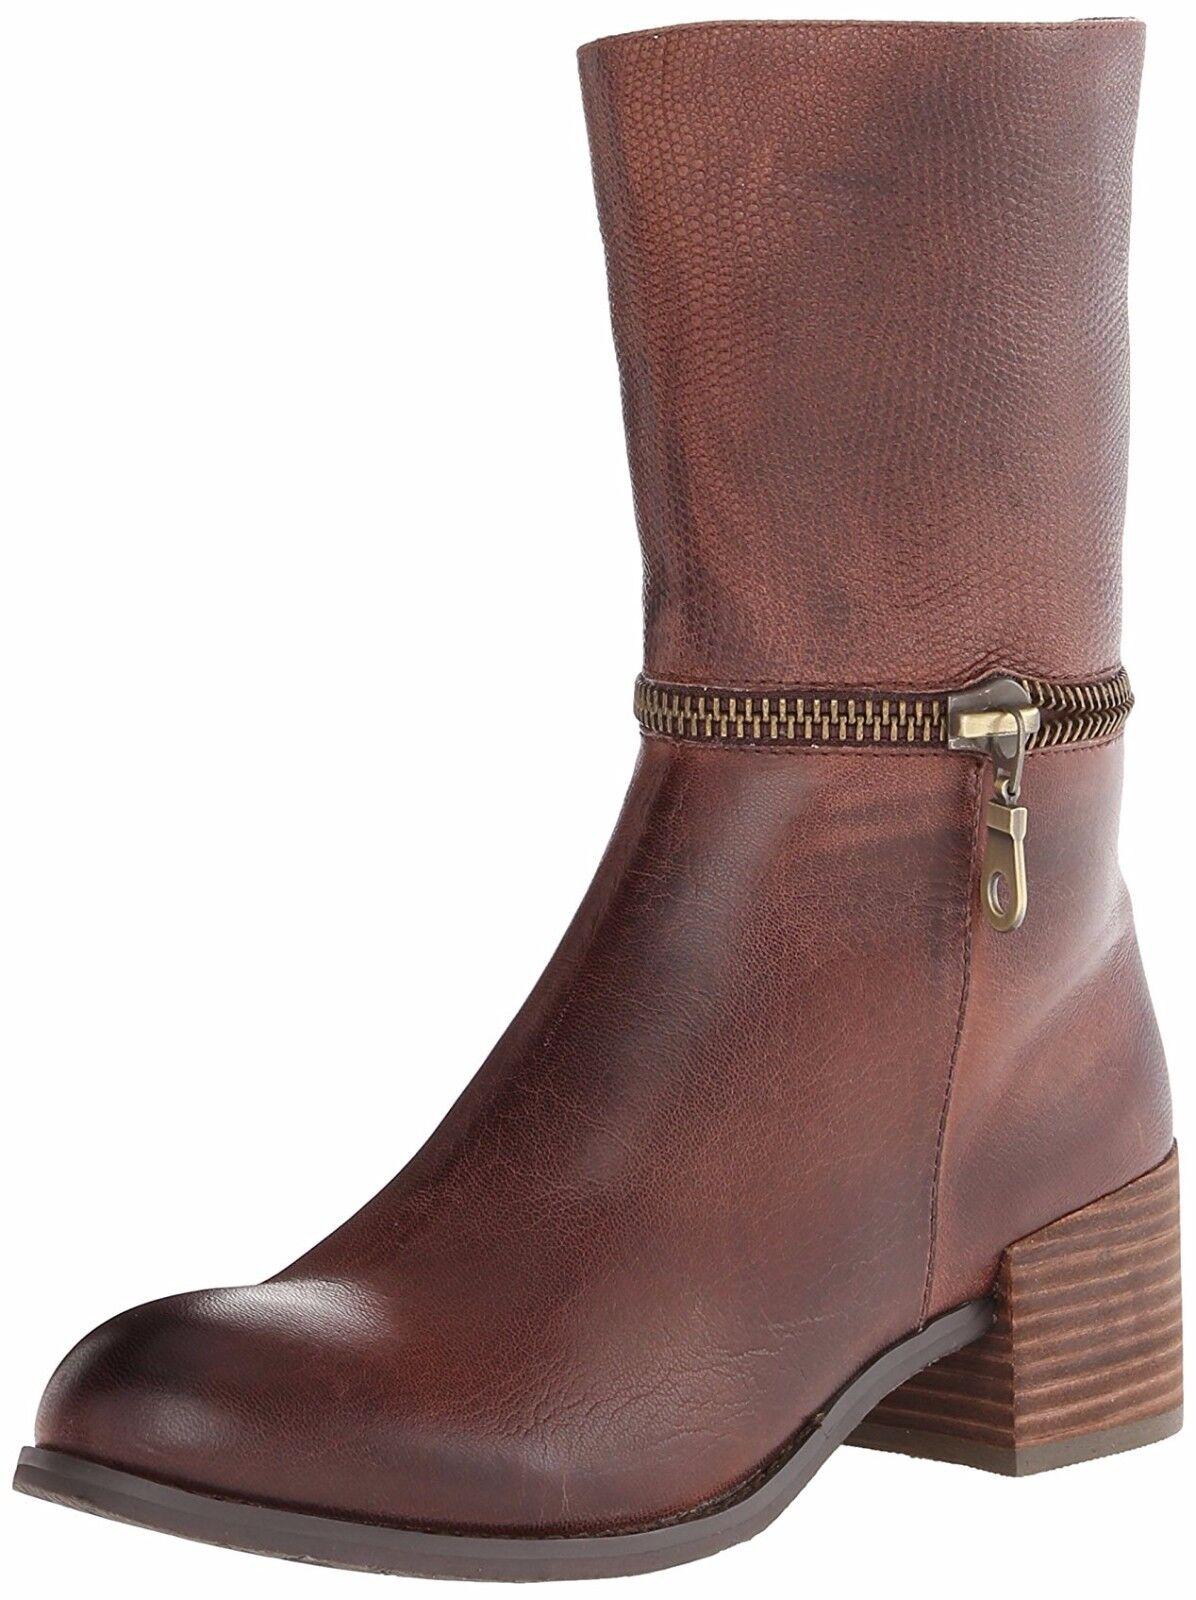 Antílope Zapatos 353 botas Café parche parche parche de cuero en relieve en mitad de pantorrilla Botines 39 Nuevo  249  ahorrar en el despacho